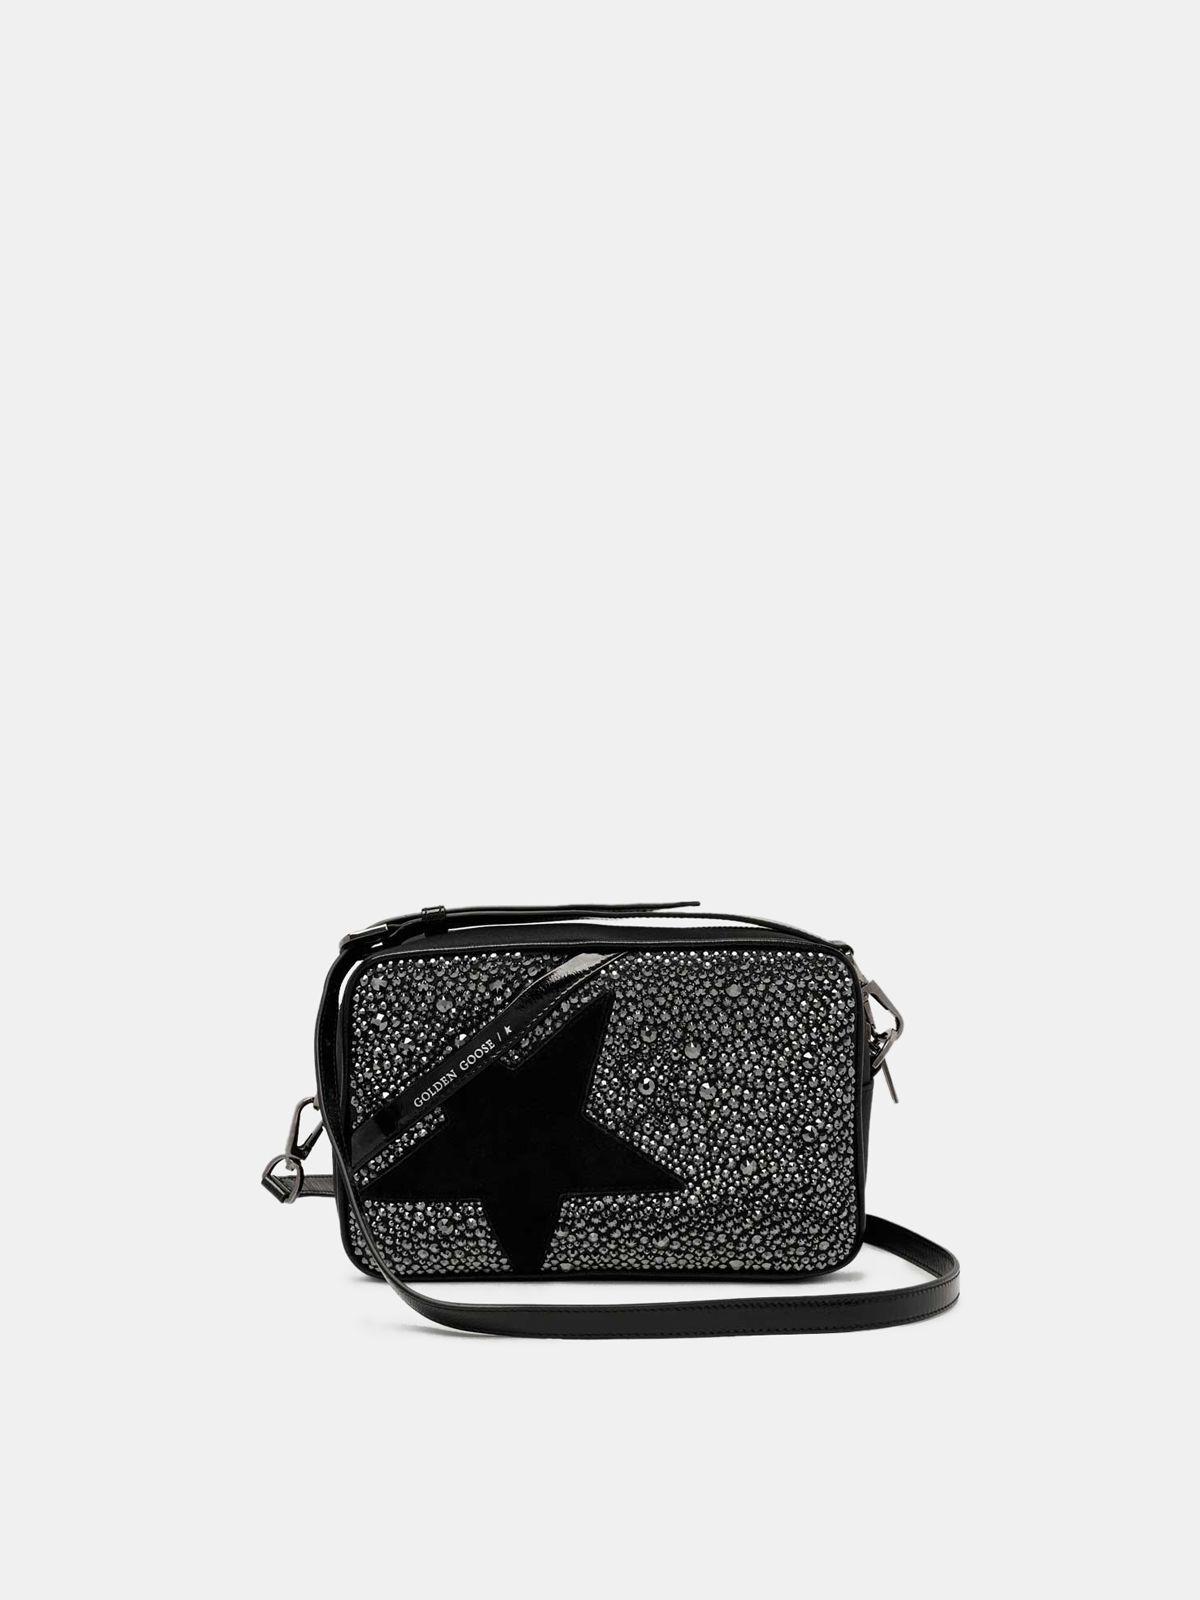 Golden Goose - Borsa Star Bag nera con cristalli in